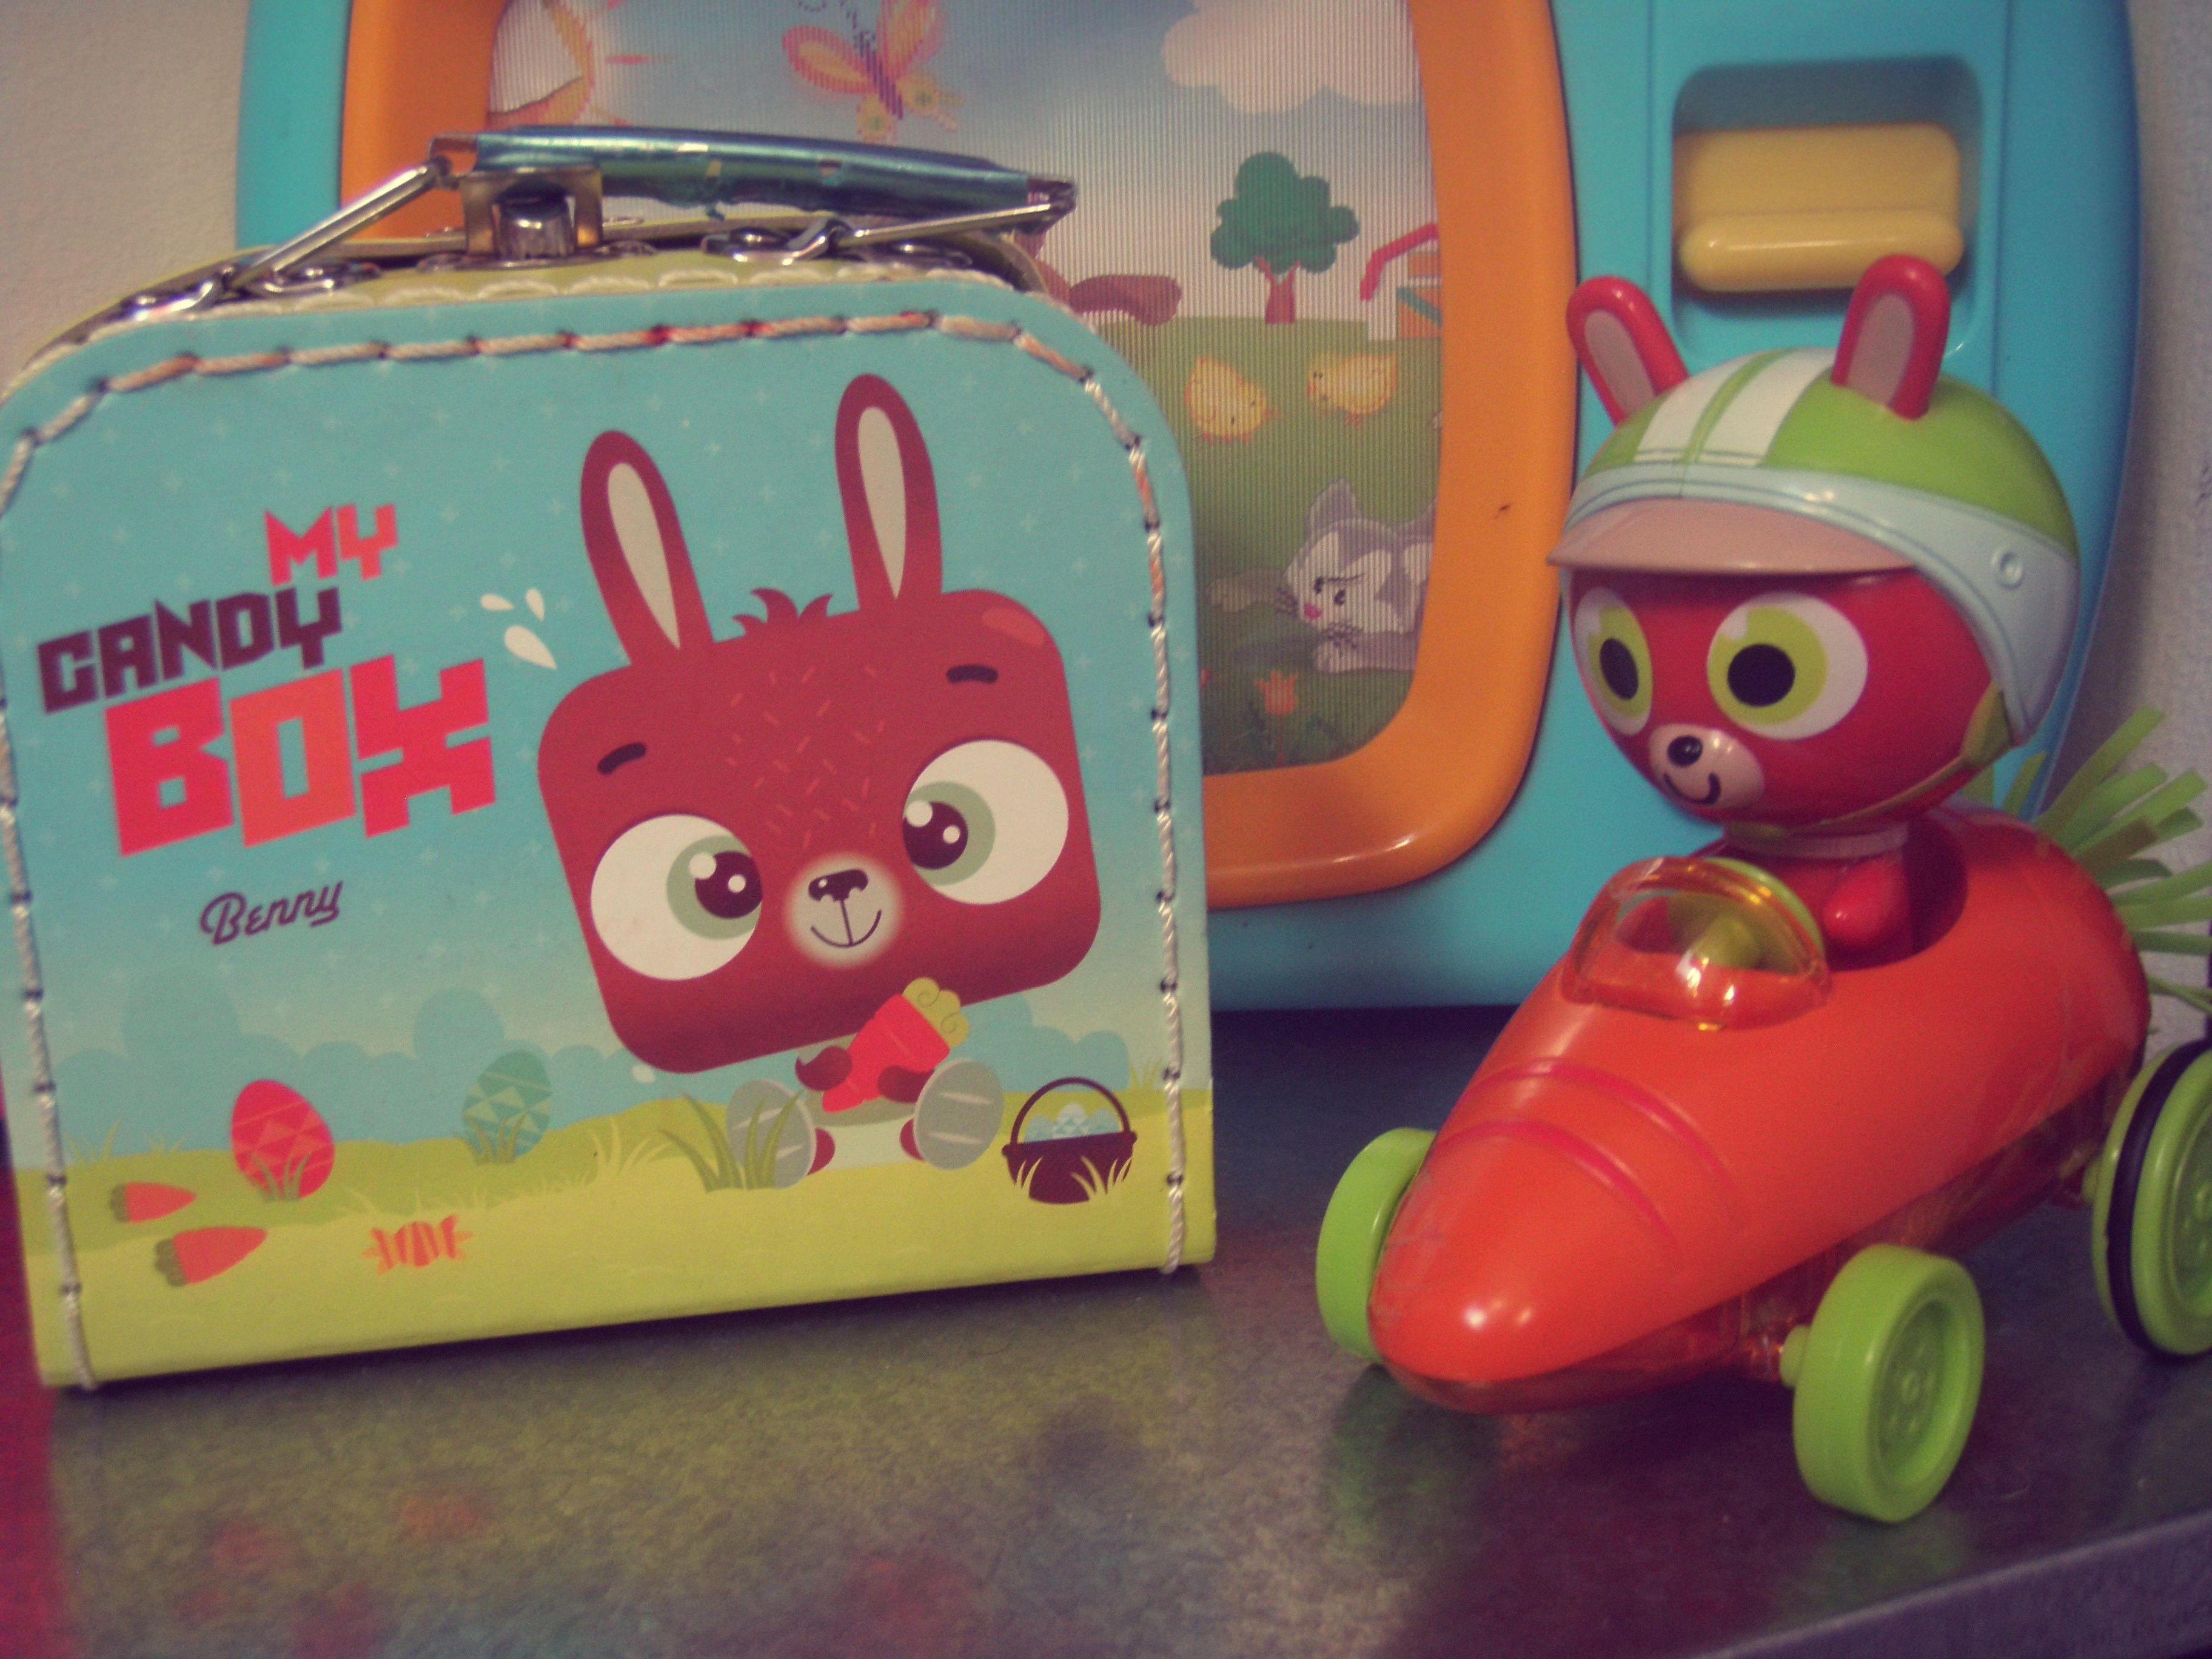 Candy Rabbit Dispenser